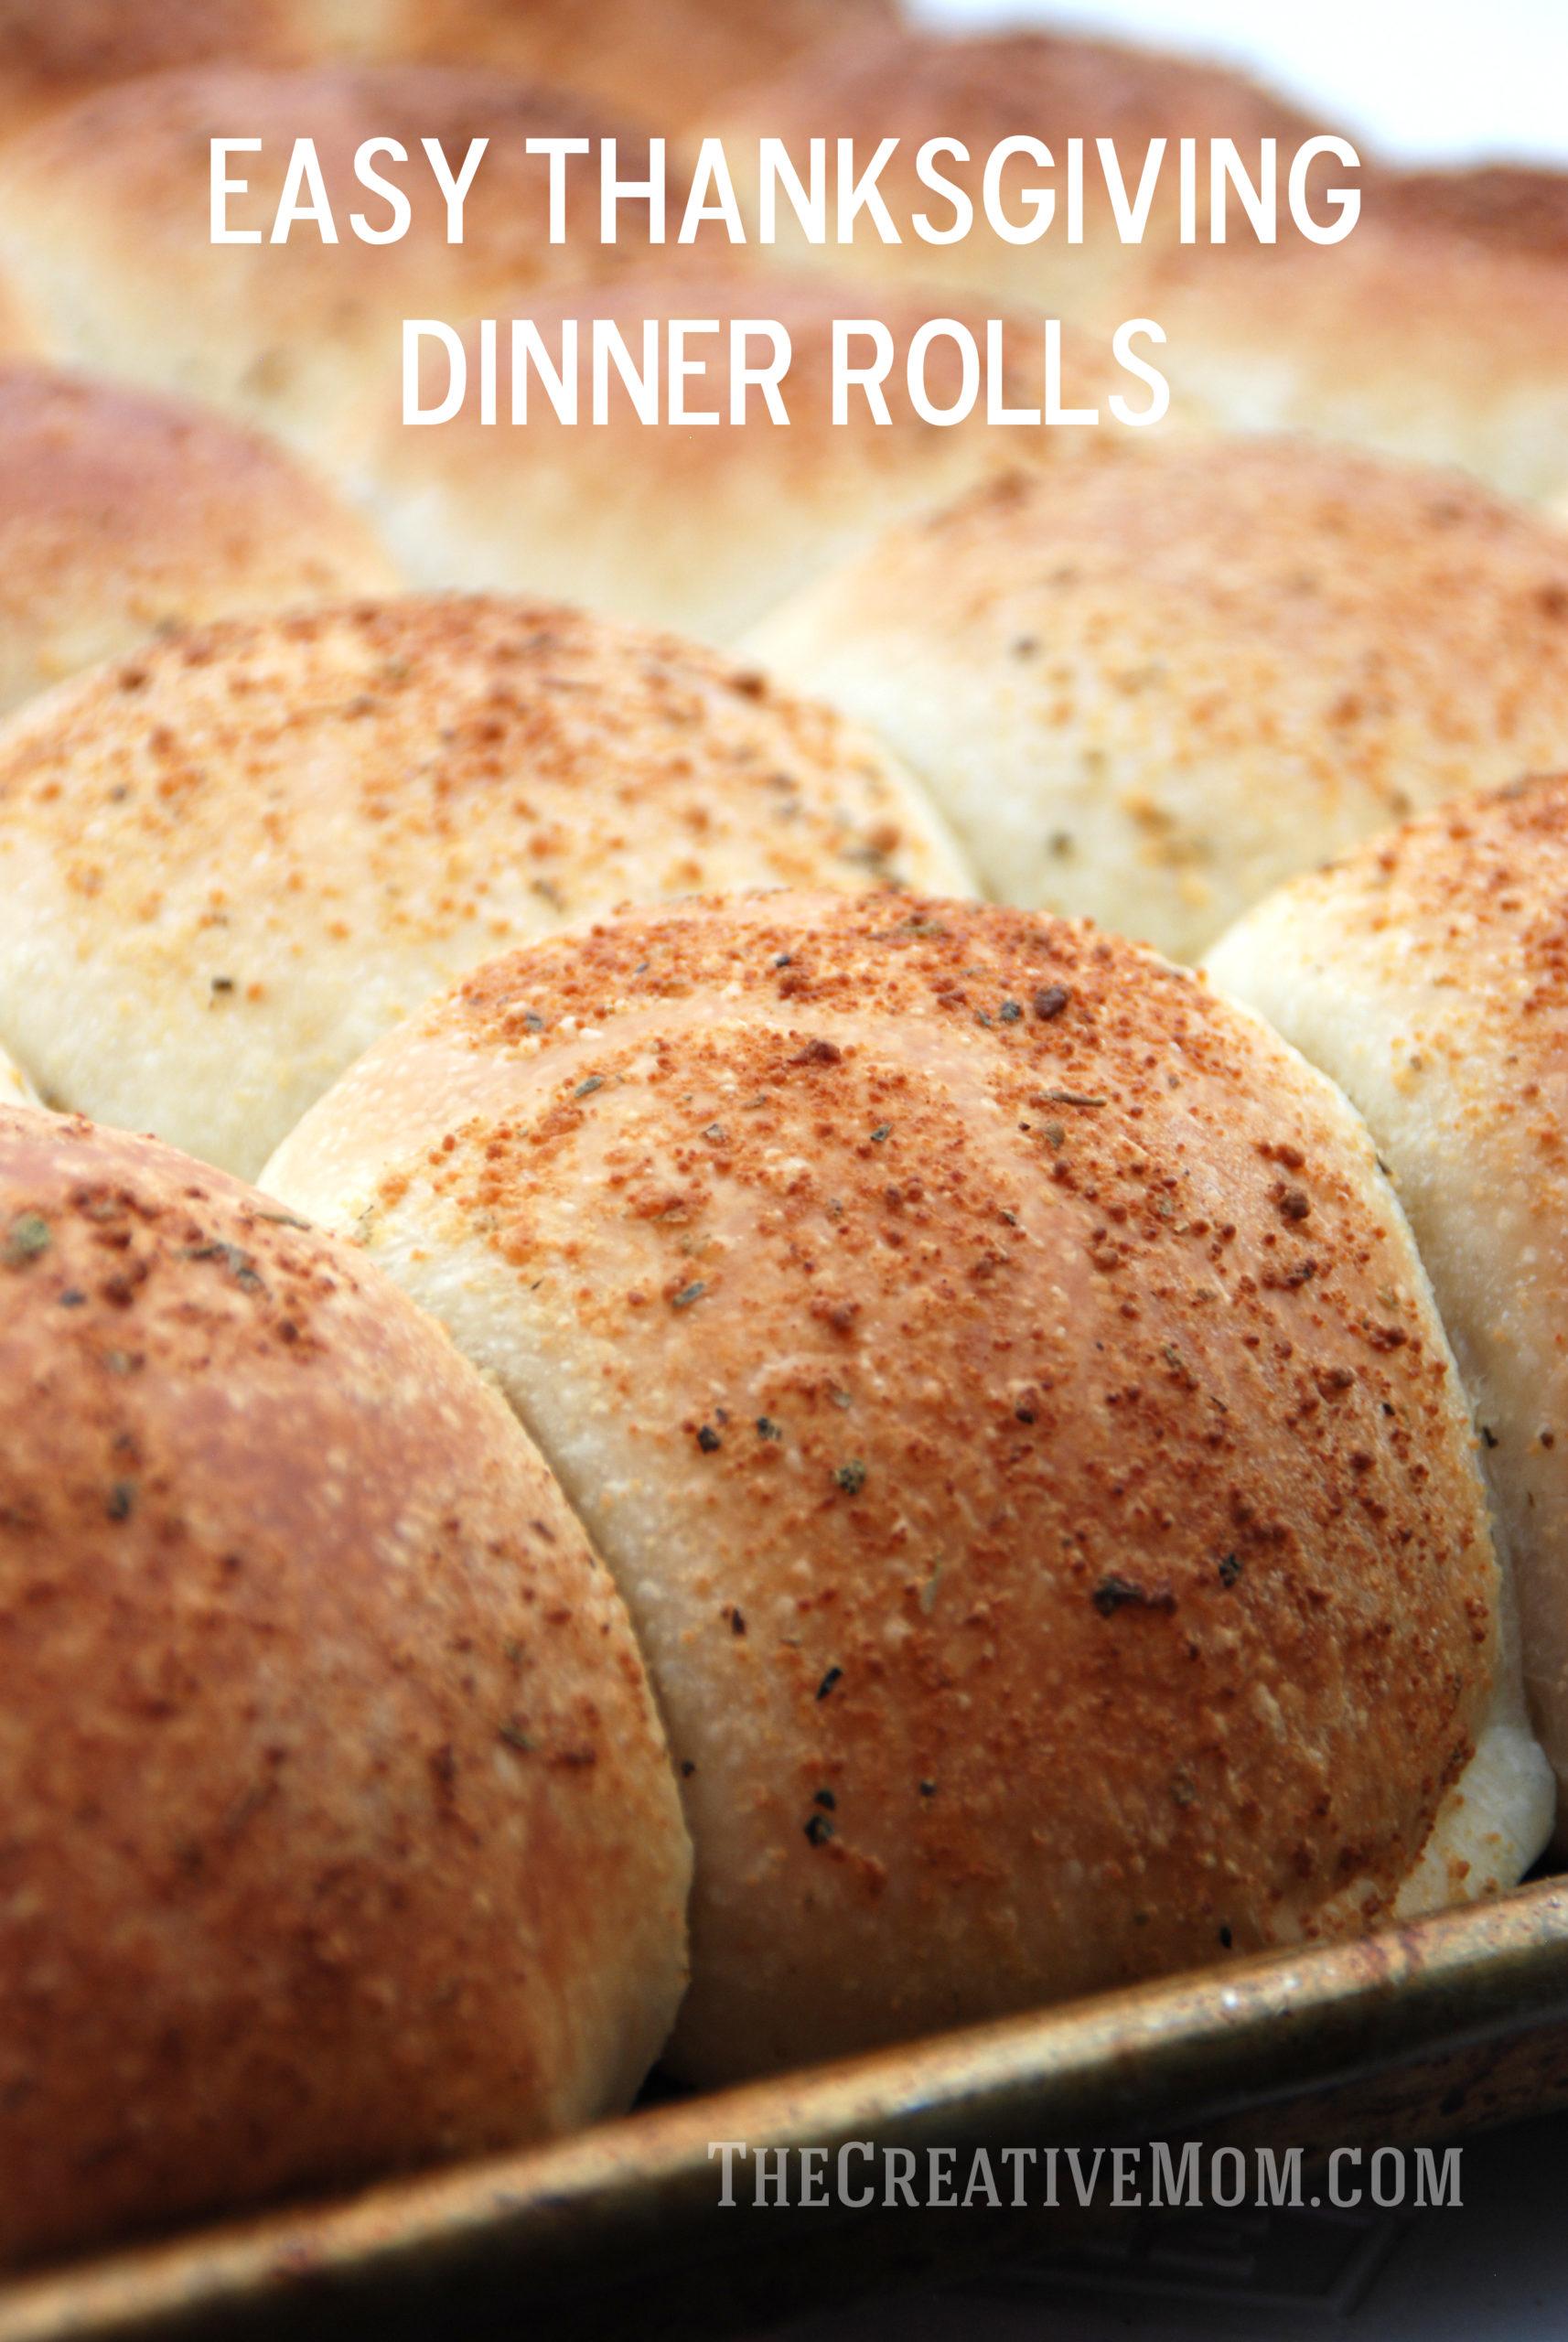 Easy Thanksgiving Dinner Rolls